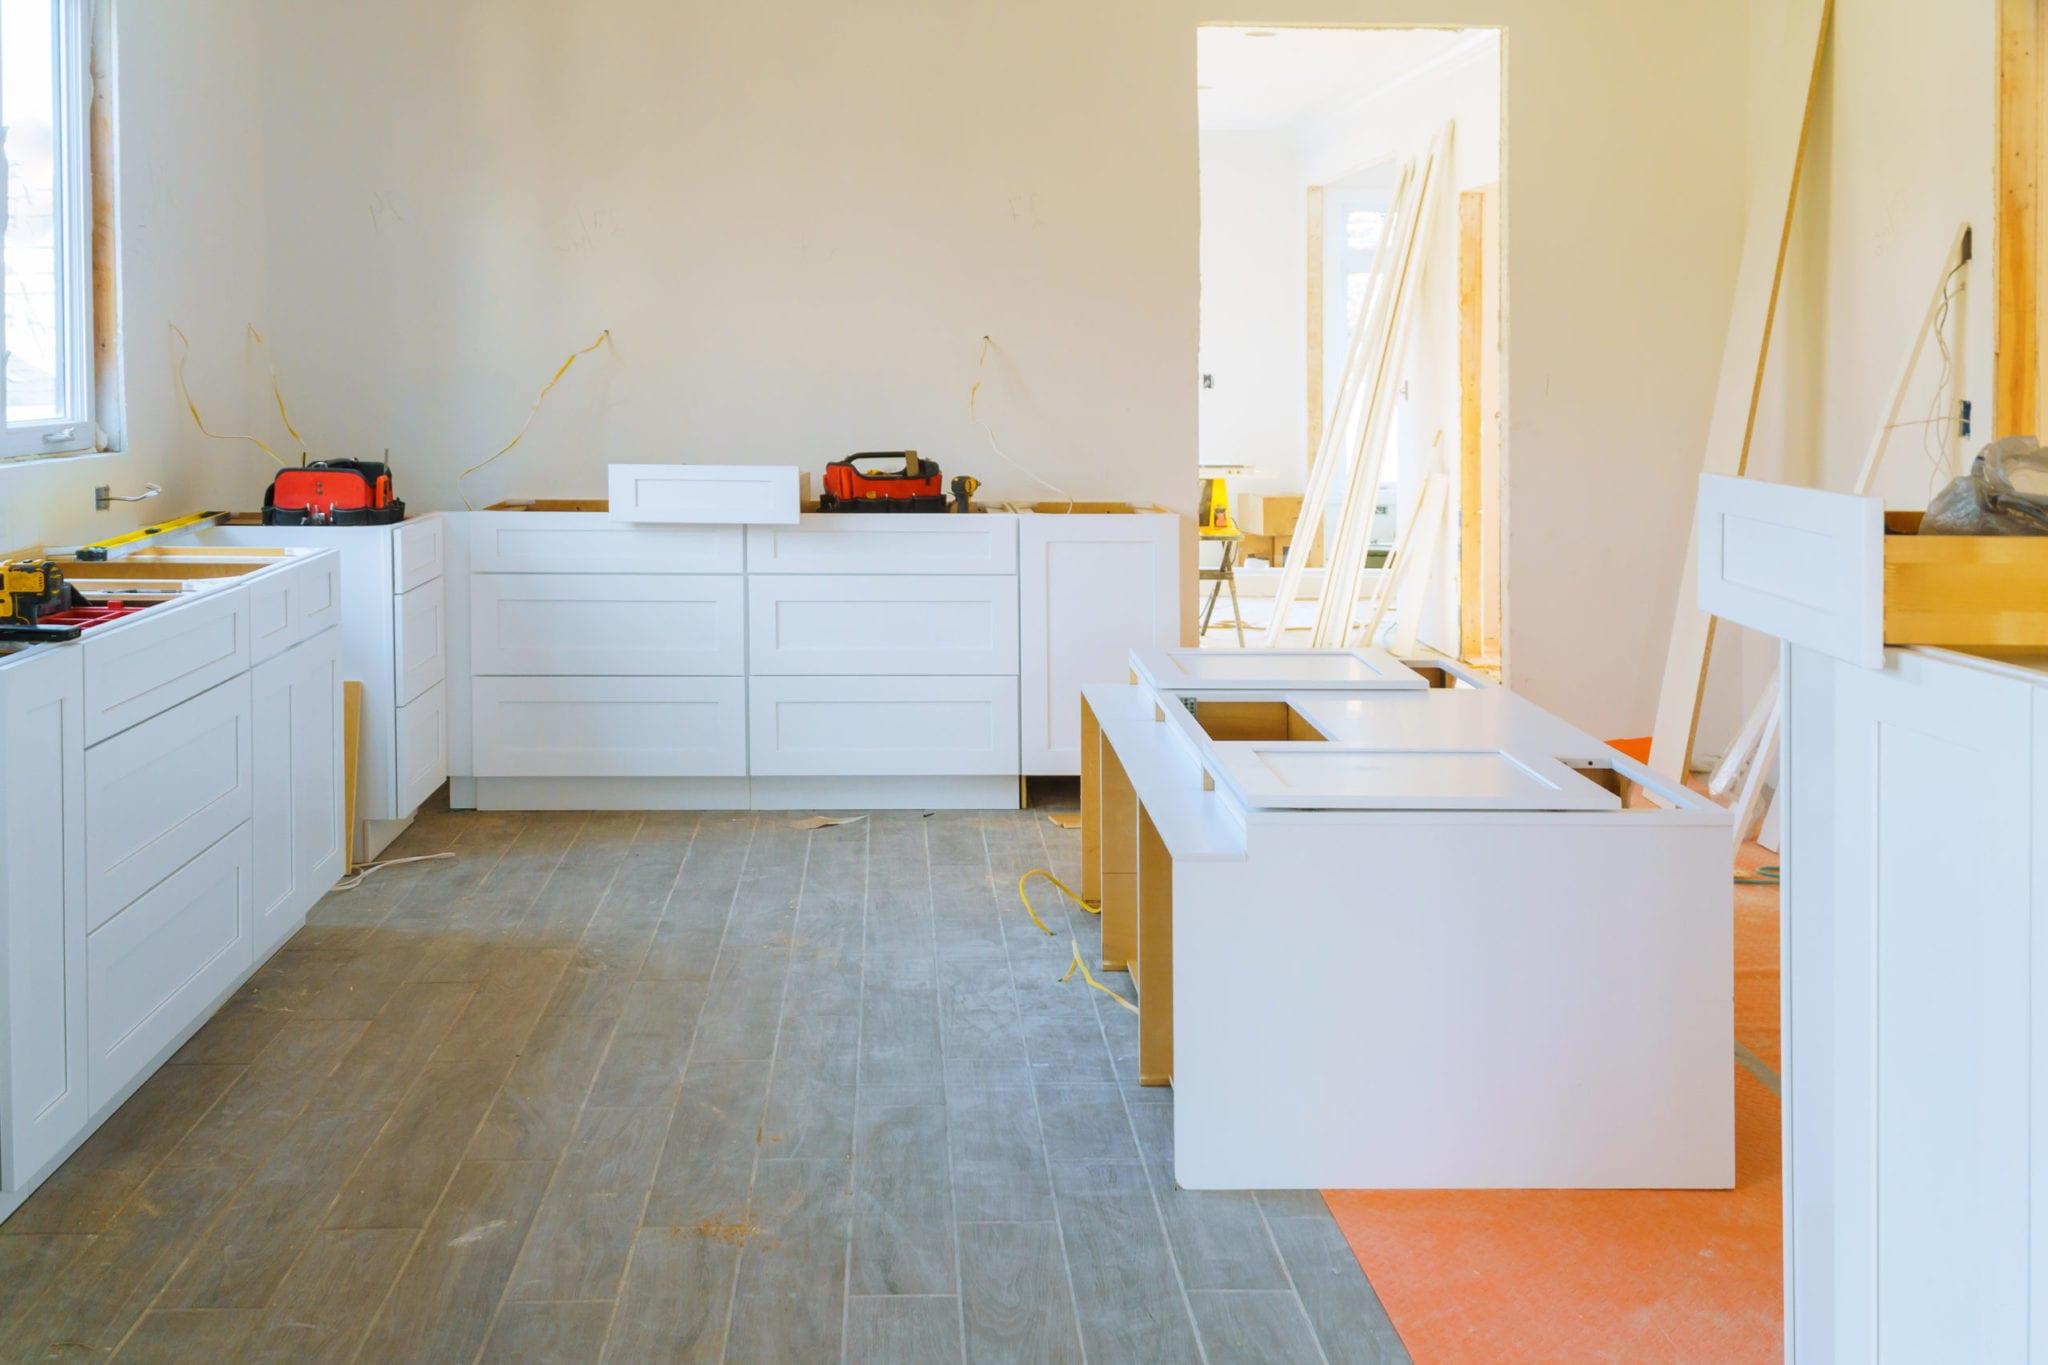 Installation modern kitchen cabinet closeup of furniture details.